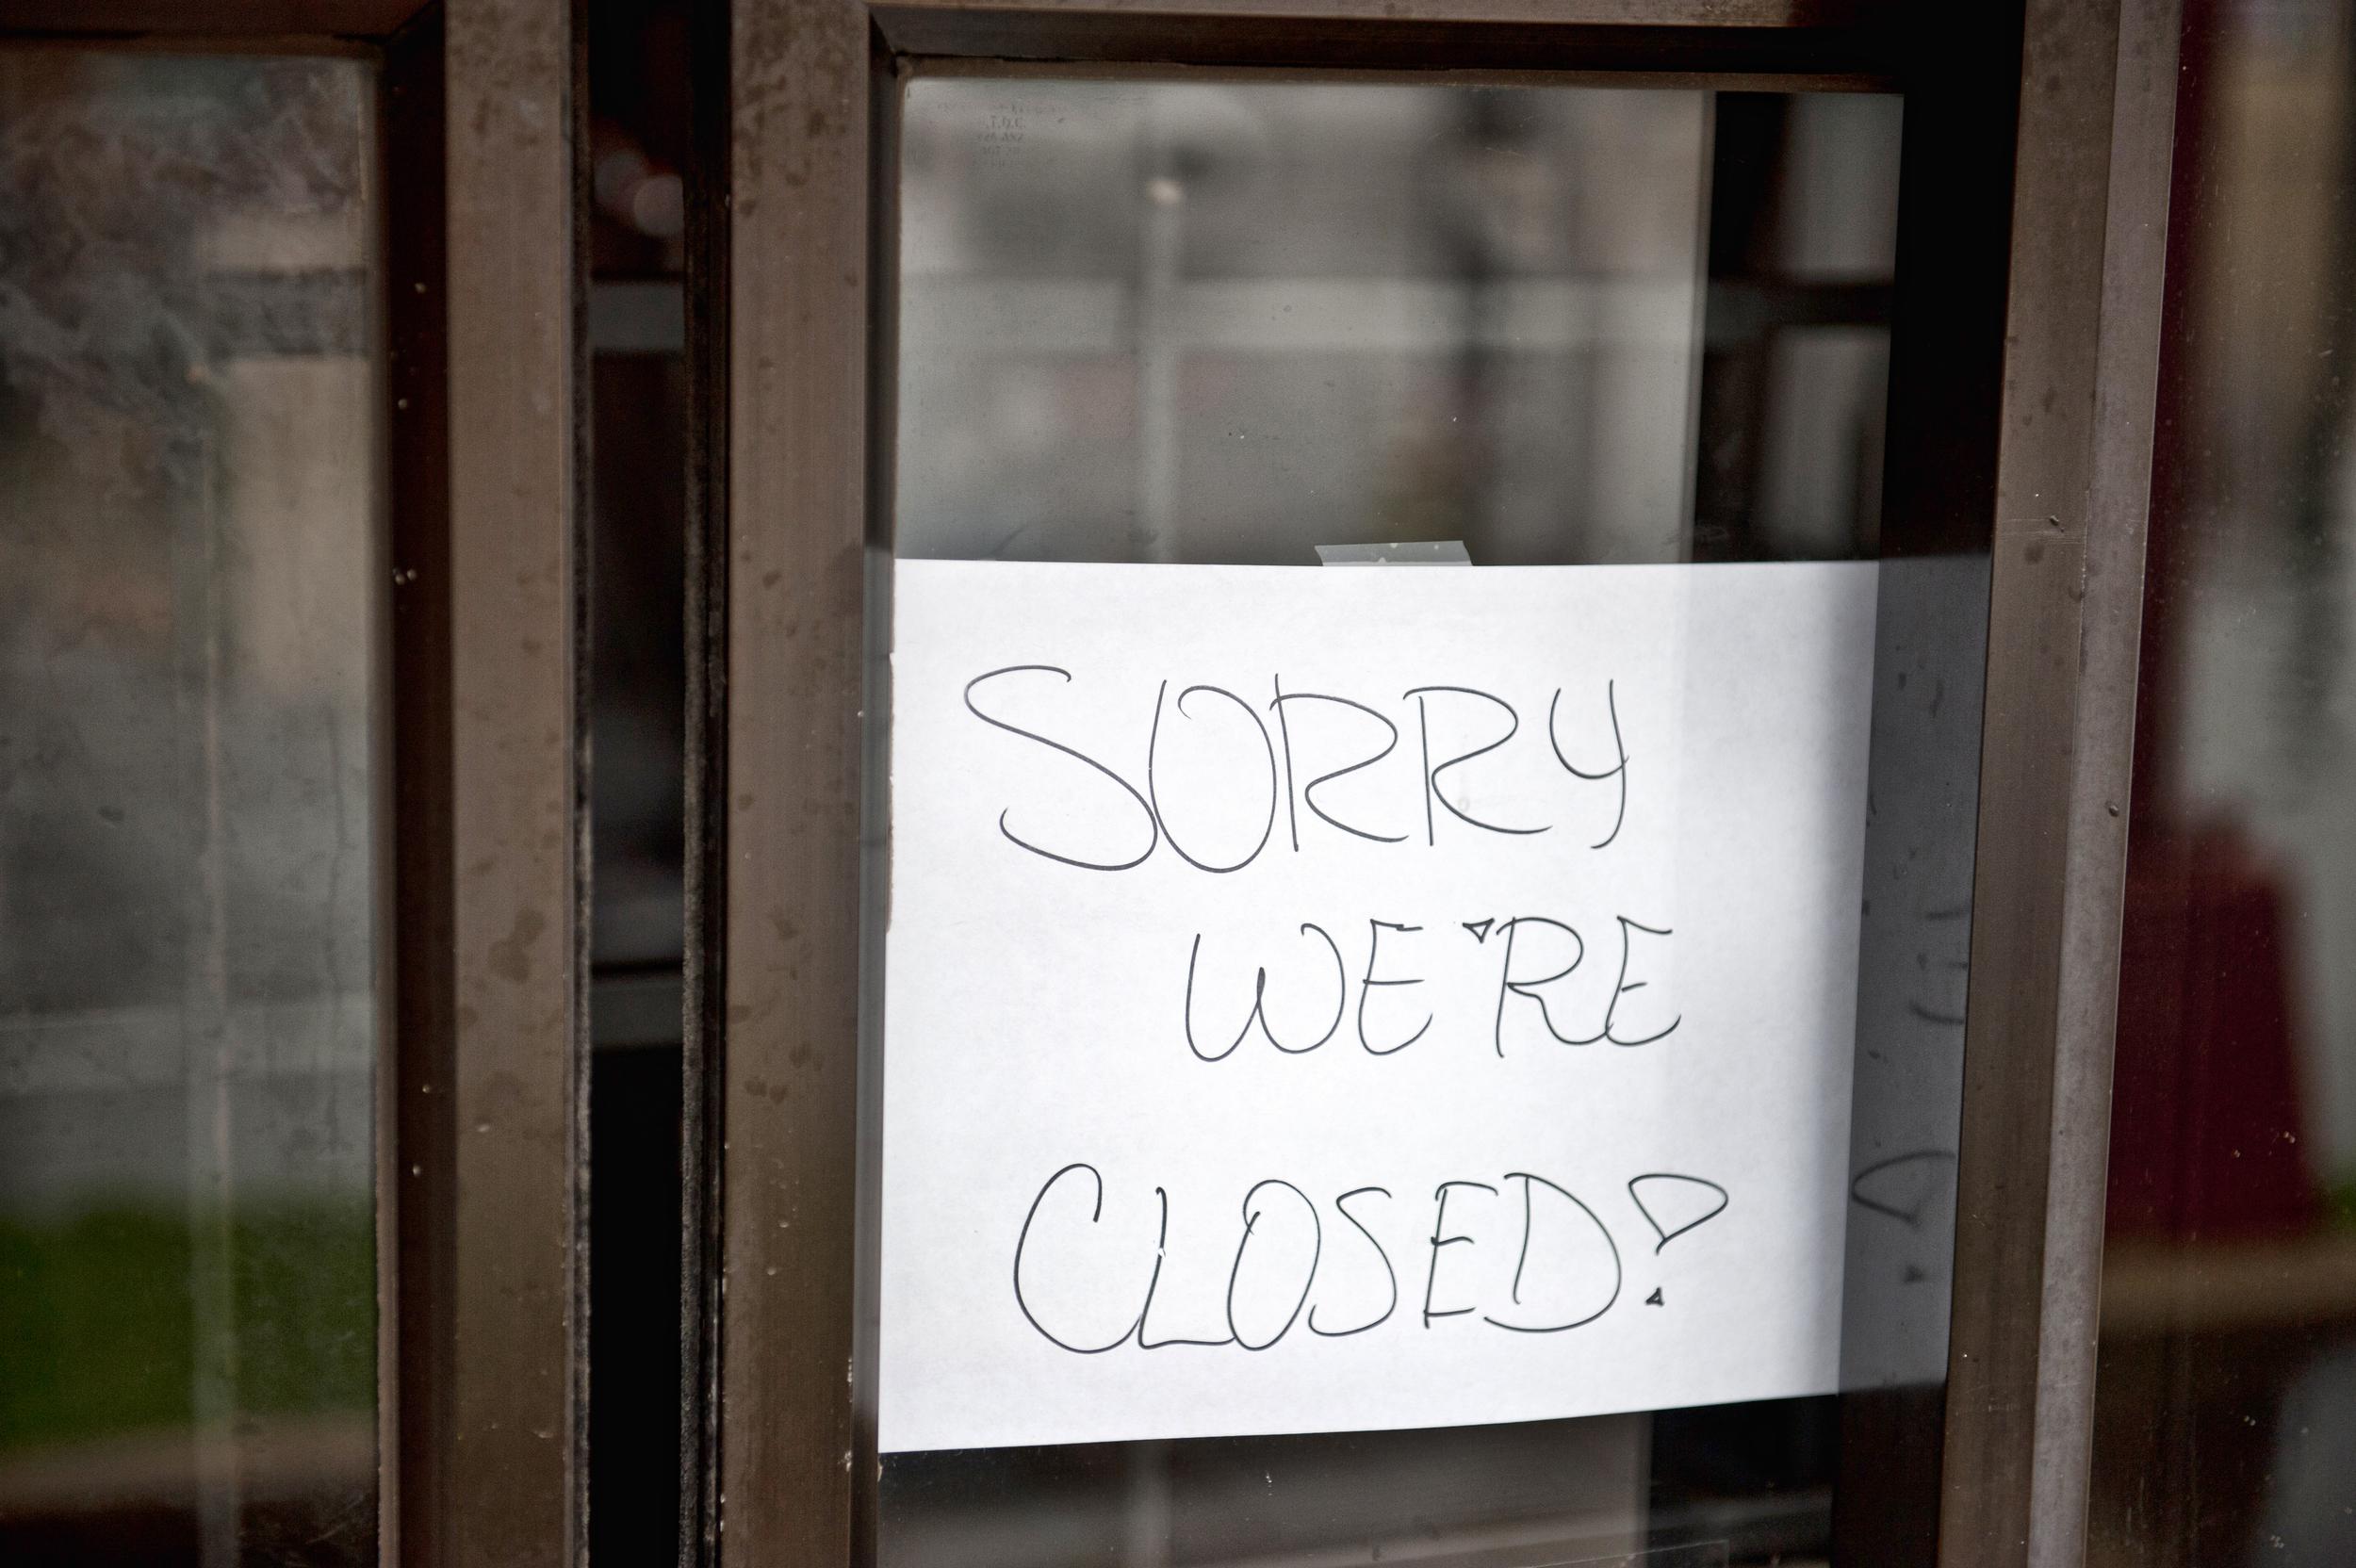 Restaurant Closed Sign